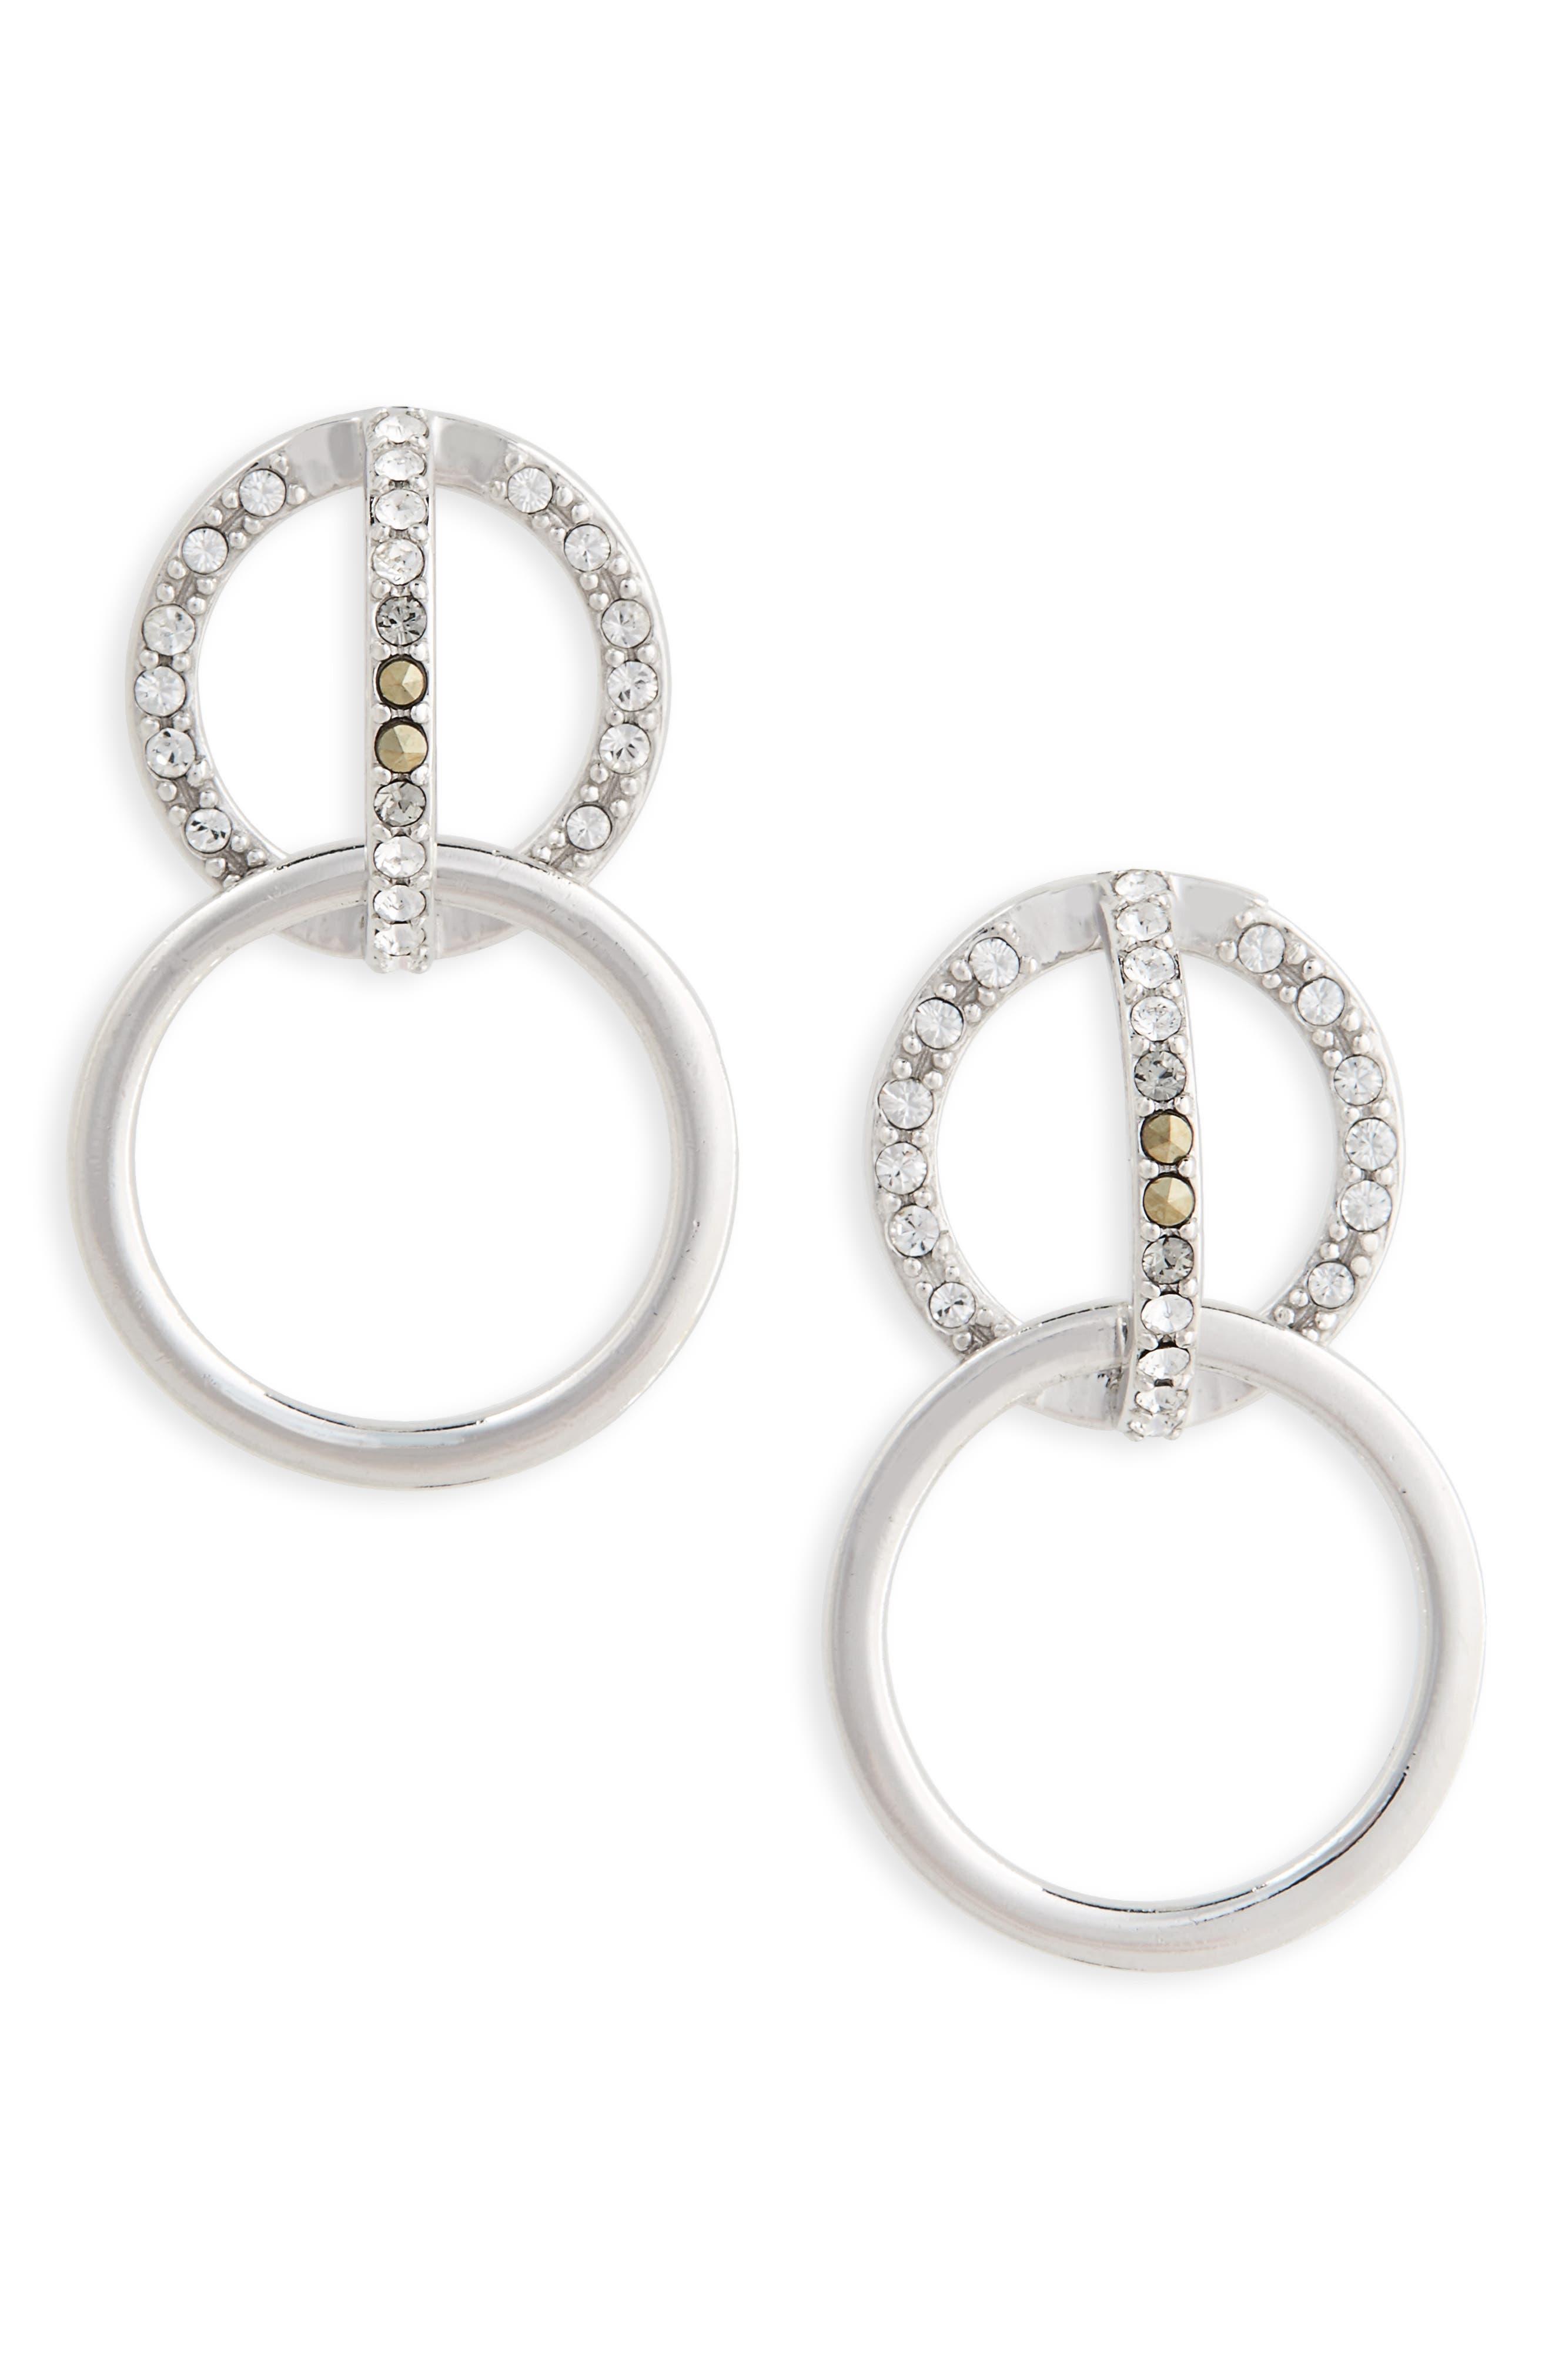 Judith Jack Silver Sparkle Double Drop Earrings